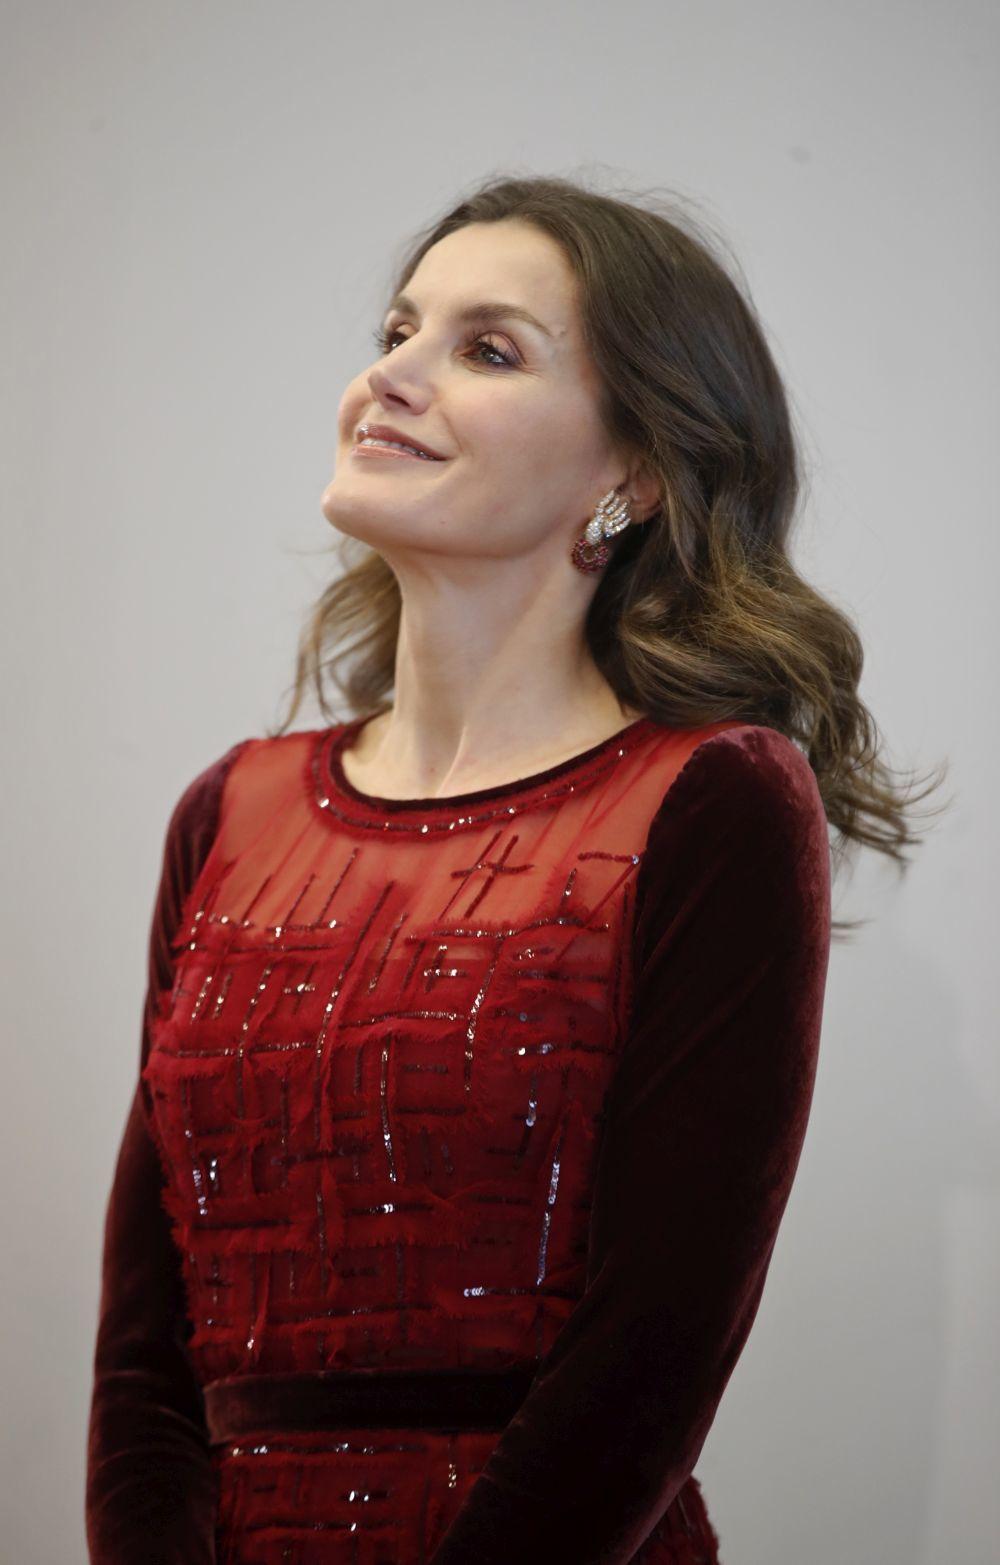 Detalle de los pendientes lucidos por la Reina Letizia en Marruecos.